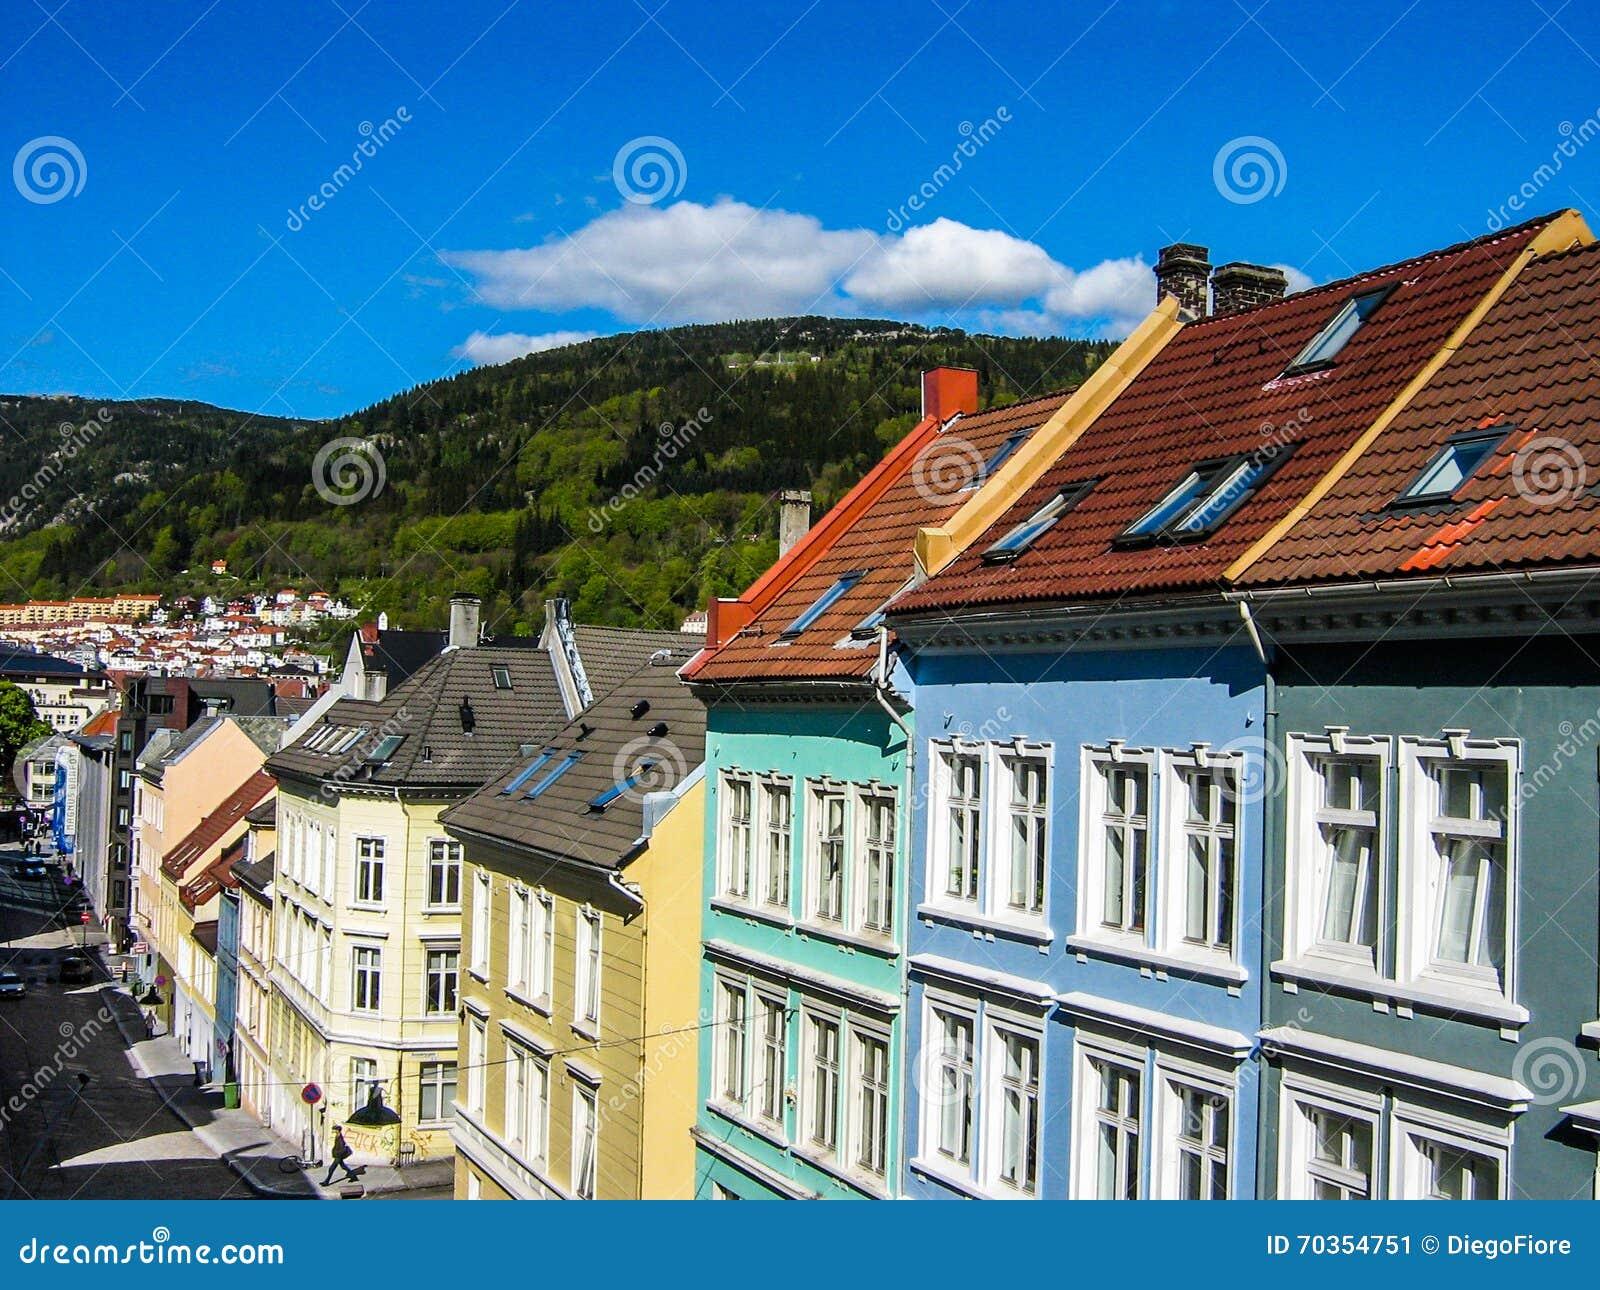 Farbige Häuser In Bergen, Norwegen Stockbild - Bild von ehrfürchtig ...